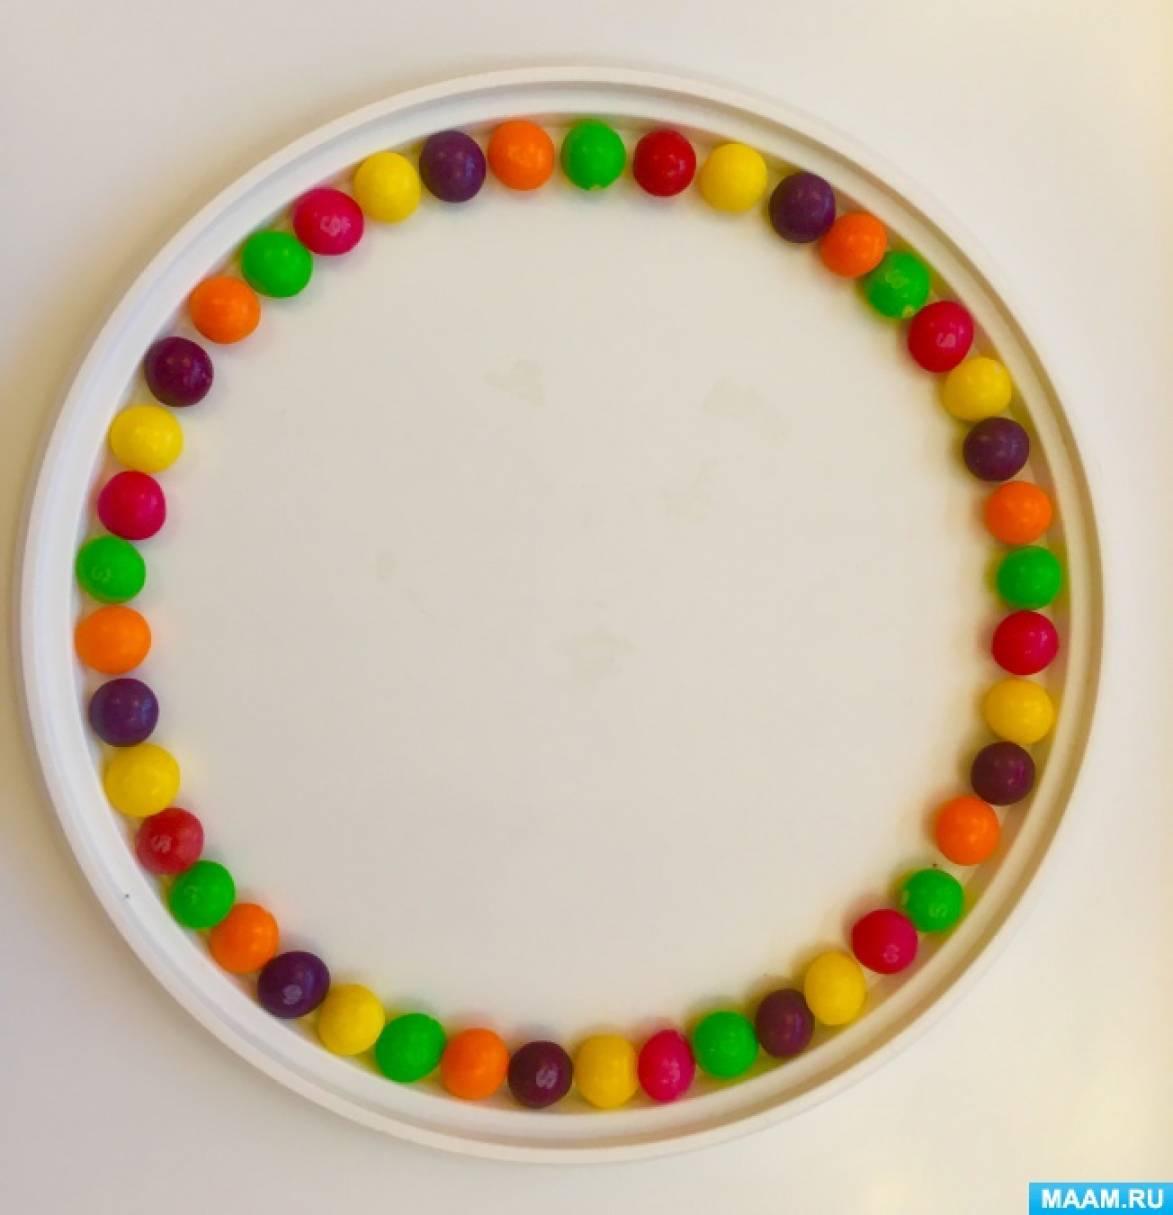 Опытно-экспериментальная деятельность в средней группе «Радуга в тарелке из разноцветных конфет»